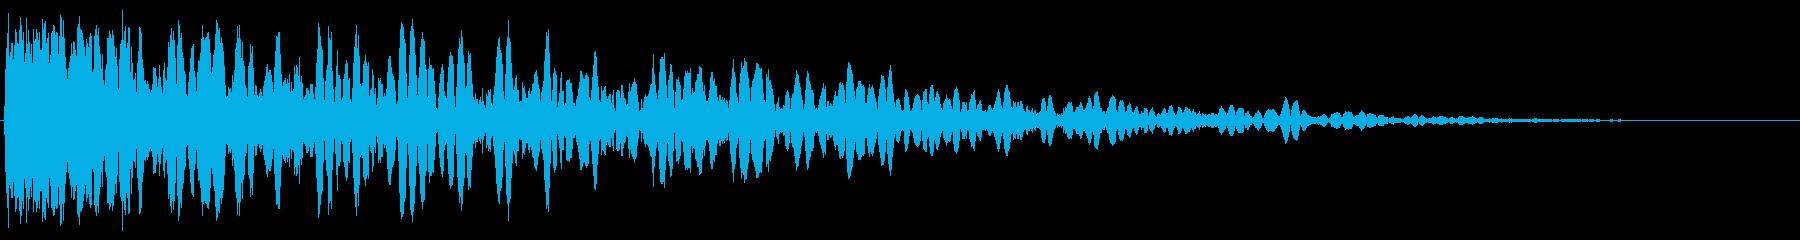 弾力性のある電子金属の影響の再生済みの波形